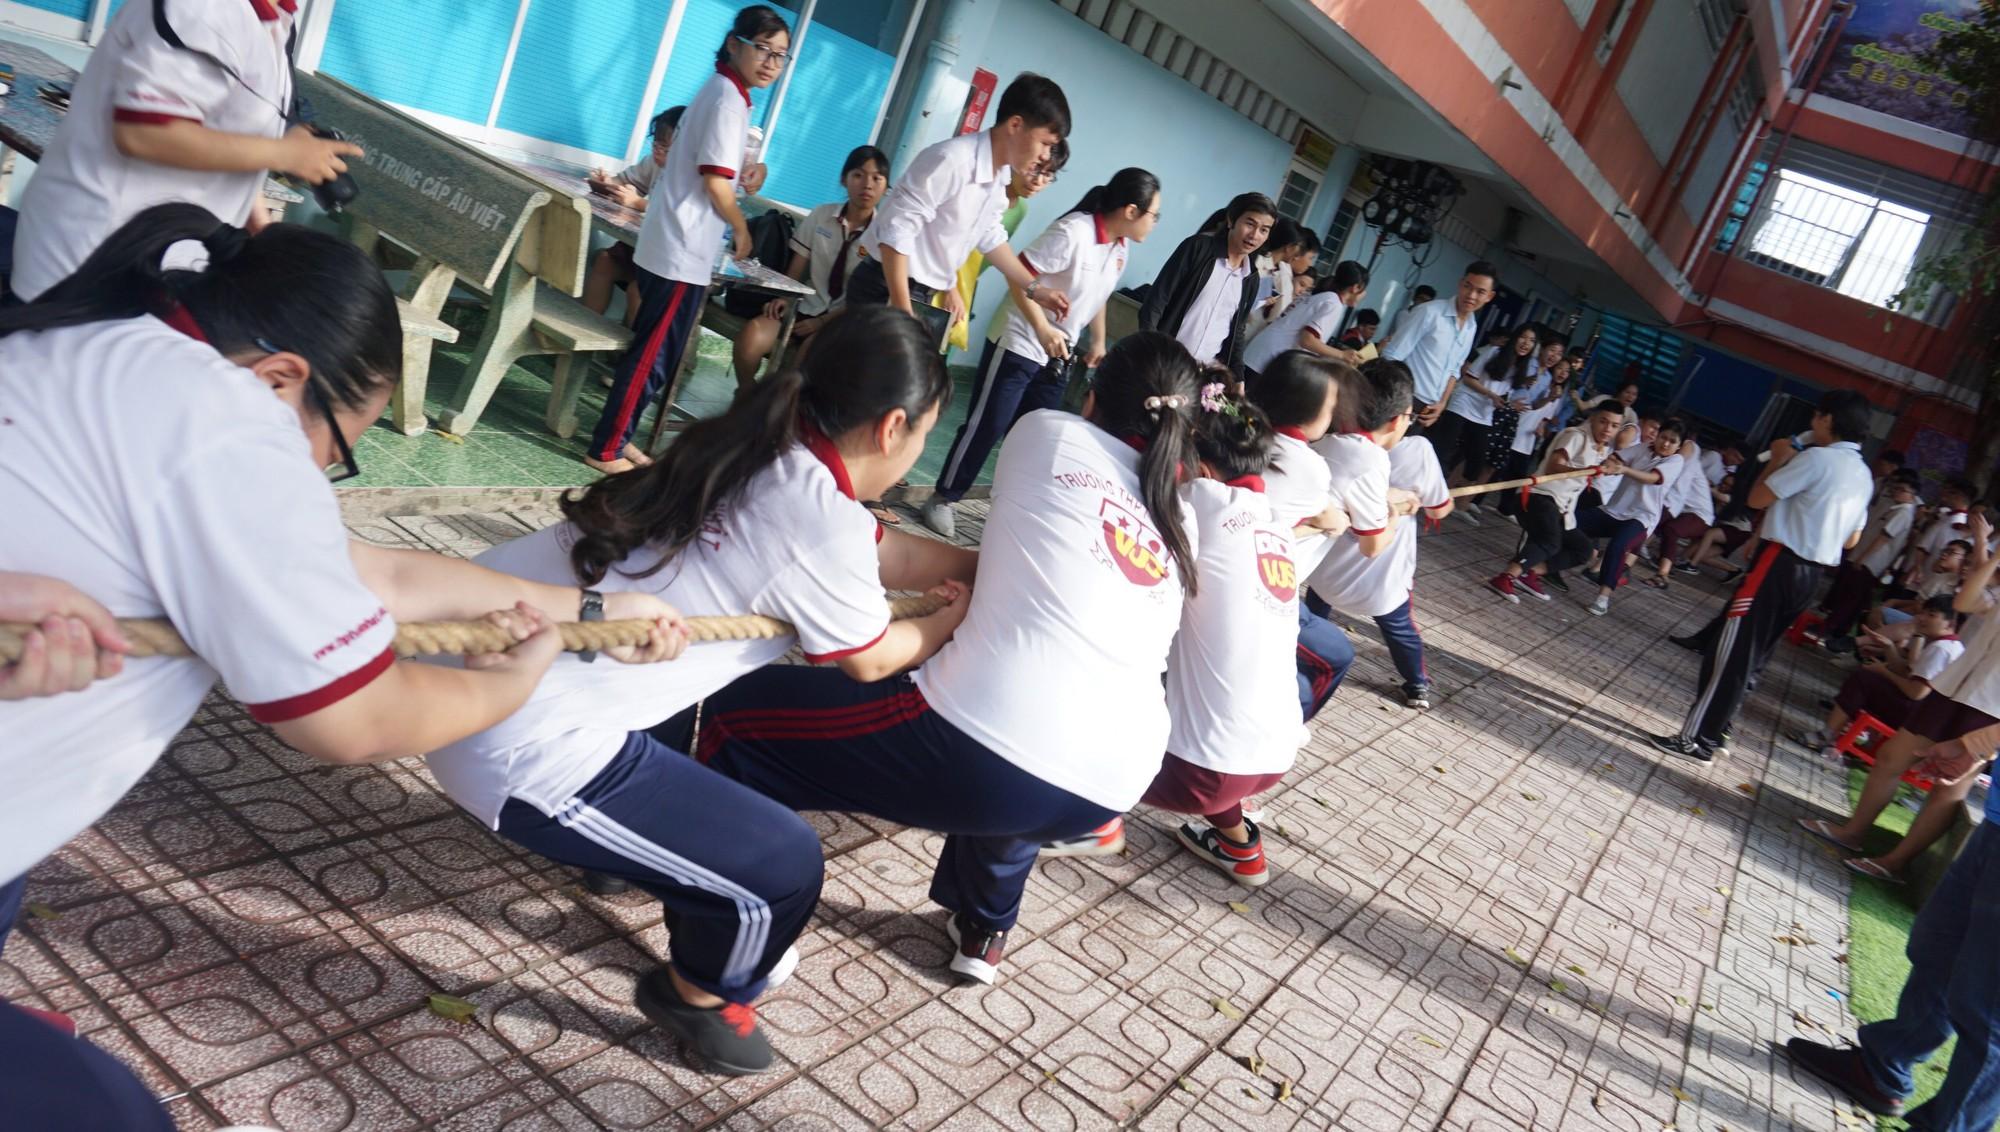 """Ngôi trường """"dạy"""" học sinh nở nụ cười mỗi ngày, đối mặt thất bại - Ảnh 3."""